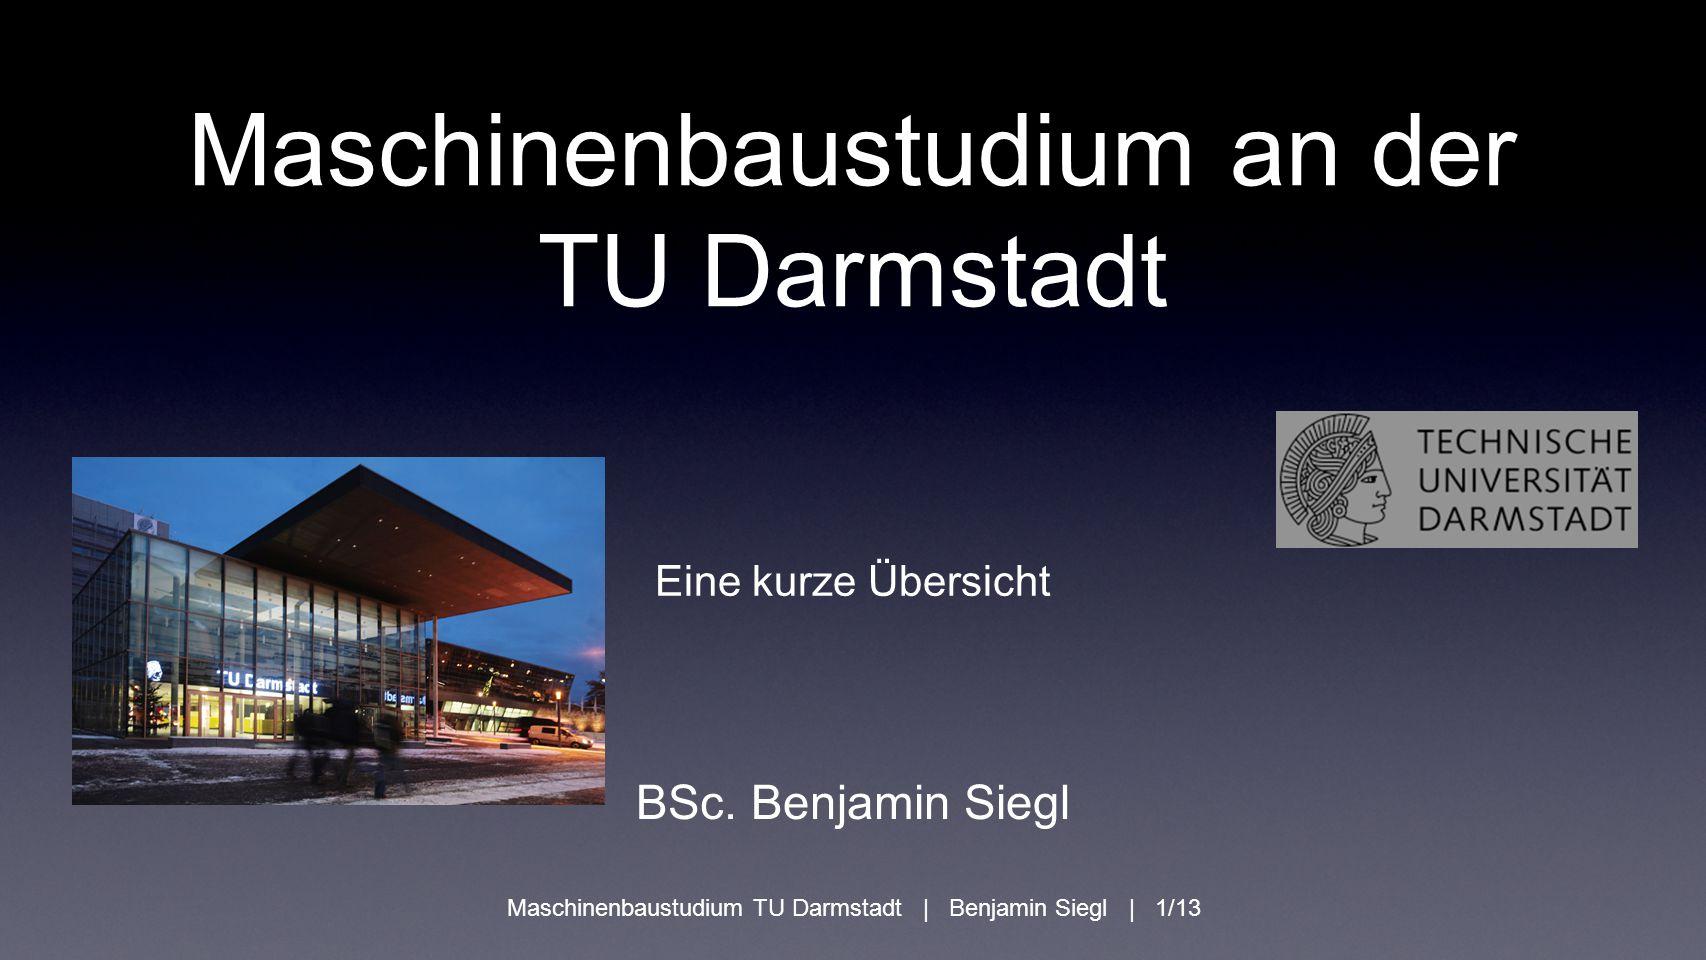 Maschinenbaustudium an der TU Darmstadt Eine kurze Übersicht BSc. Benjamin Siegl Maschinenbaustudium TU Darmstadt | Benjamin Siegl | 1/13